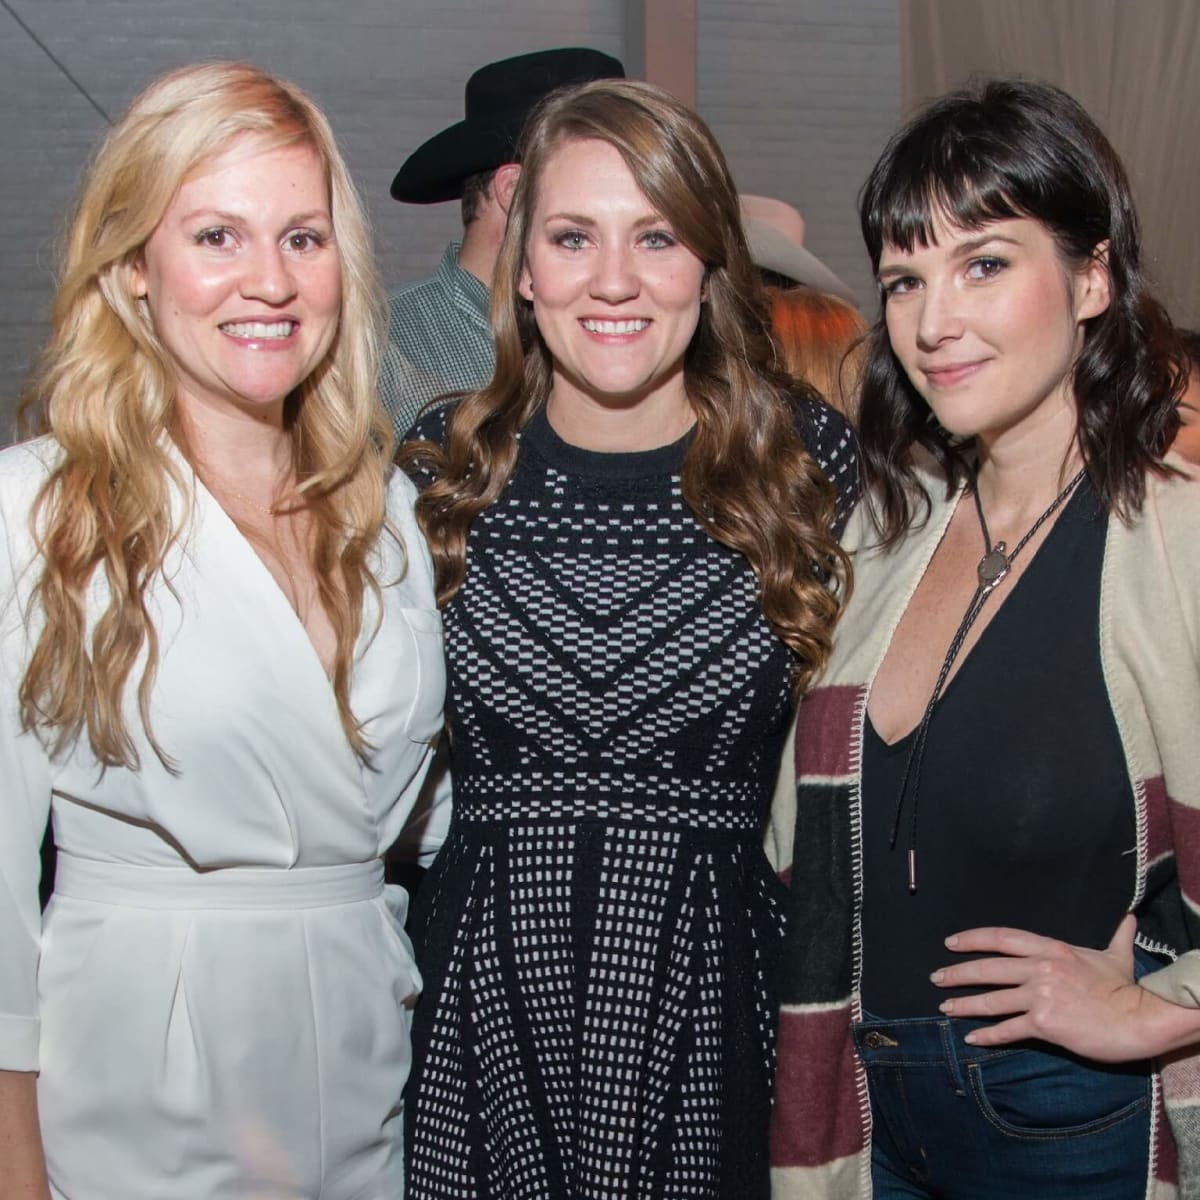 Amber Morgan, Ashton Morgan, Kathlee Akers at Big Texas Party